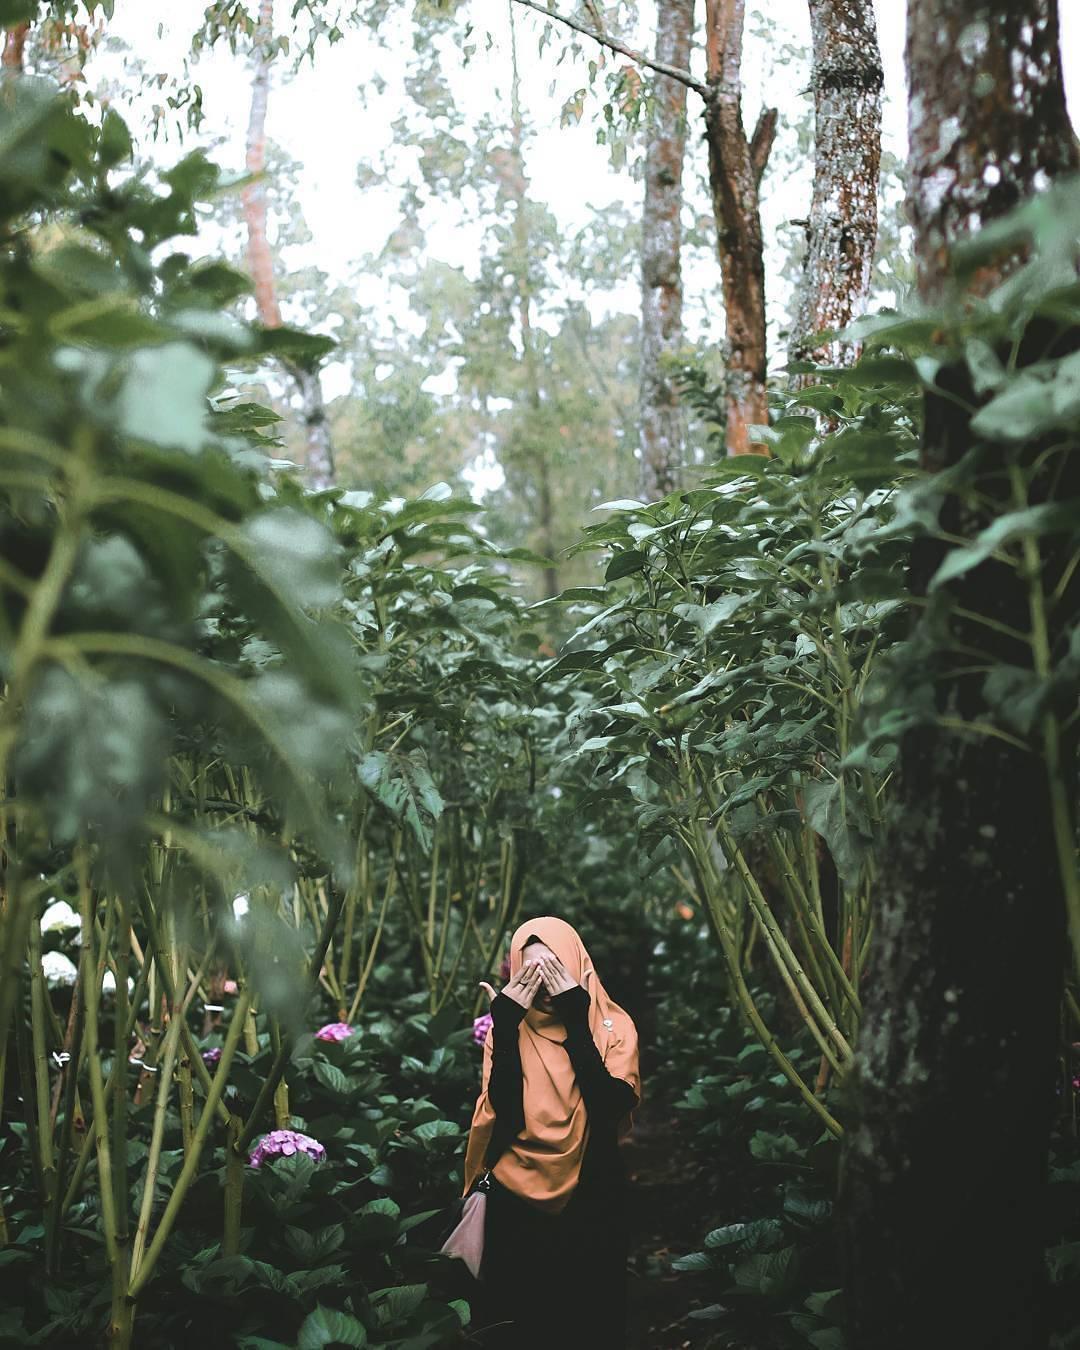 Alam yang Hijau Merimbun, Malang, Malang Raya, Dolan Dolen, Dolaners Alam yang Hijau Merimbun by harry garenk87 - Dolan Dolen